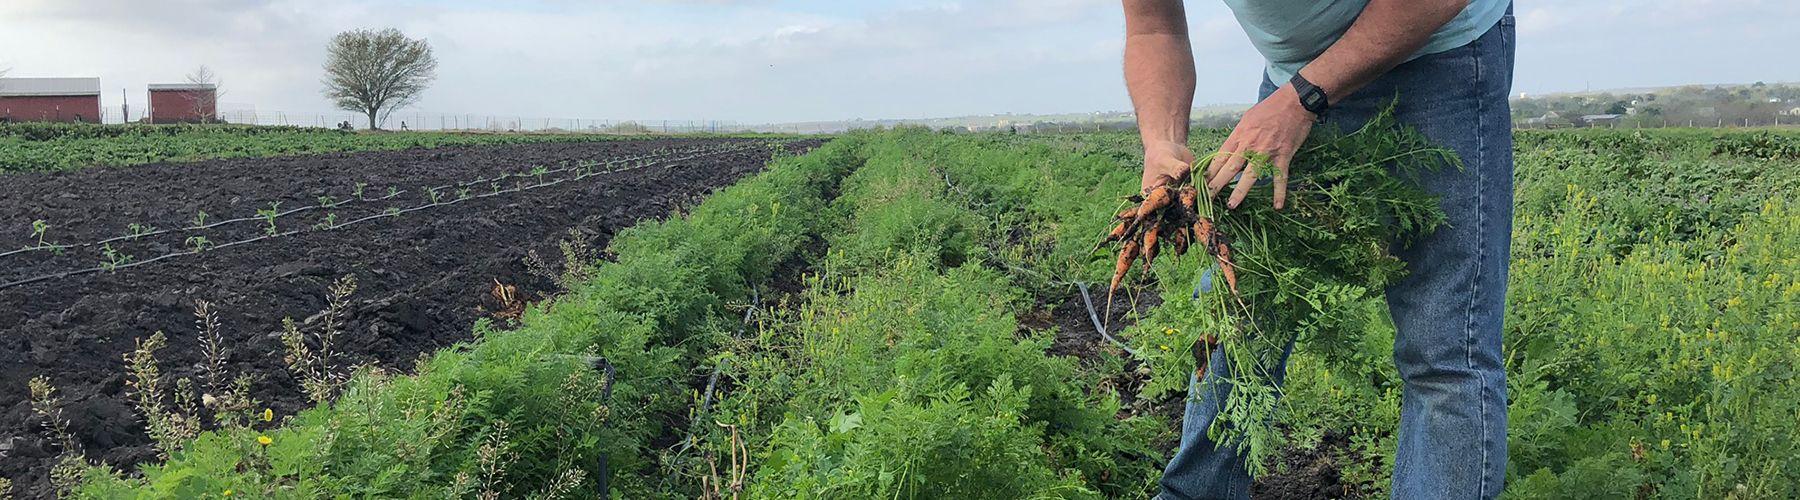 Farmer Pulling Carrots - Web Banner.jpg